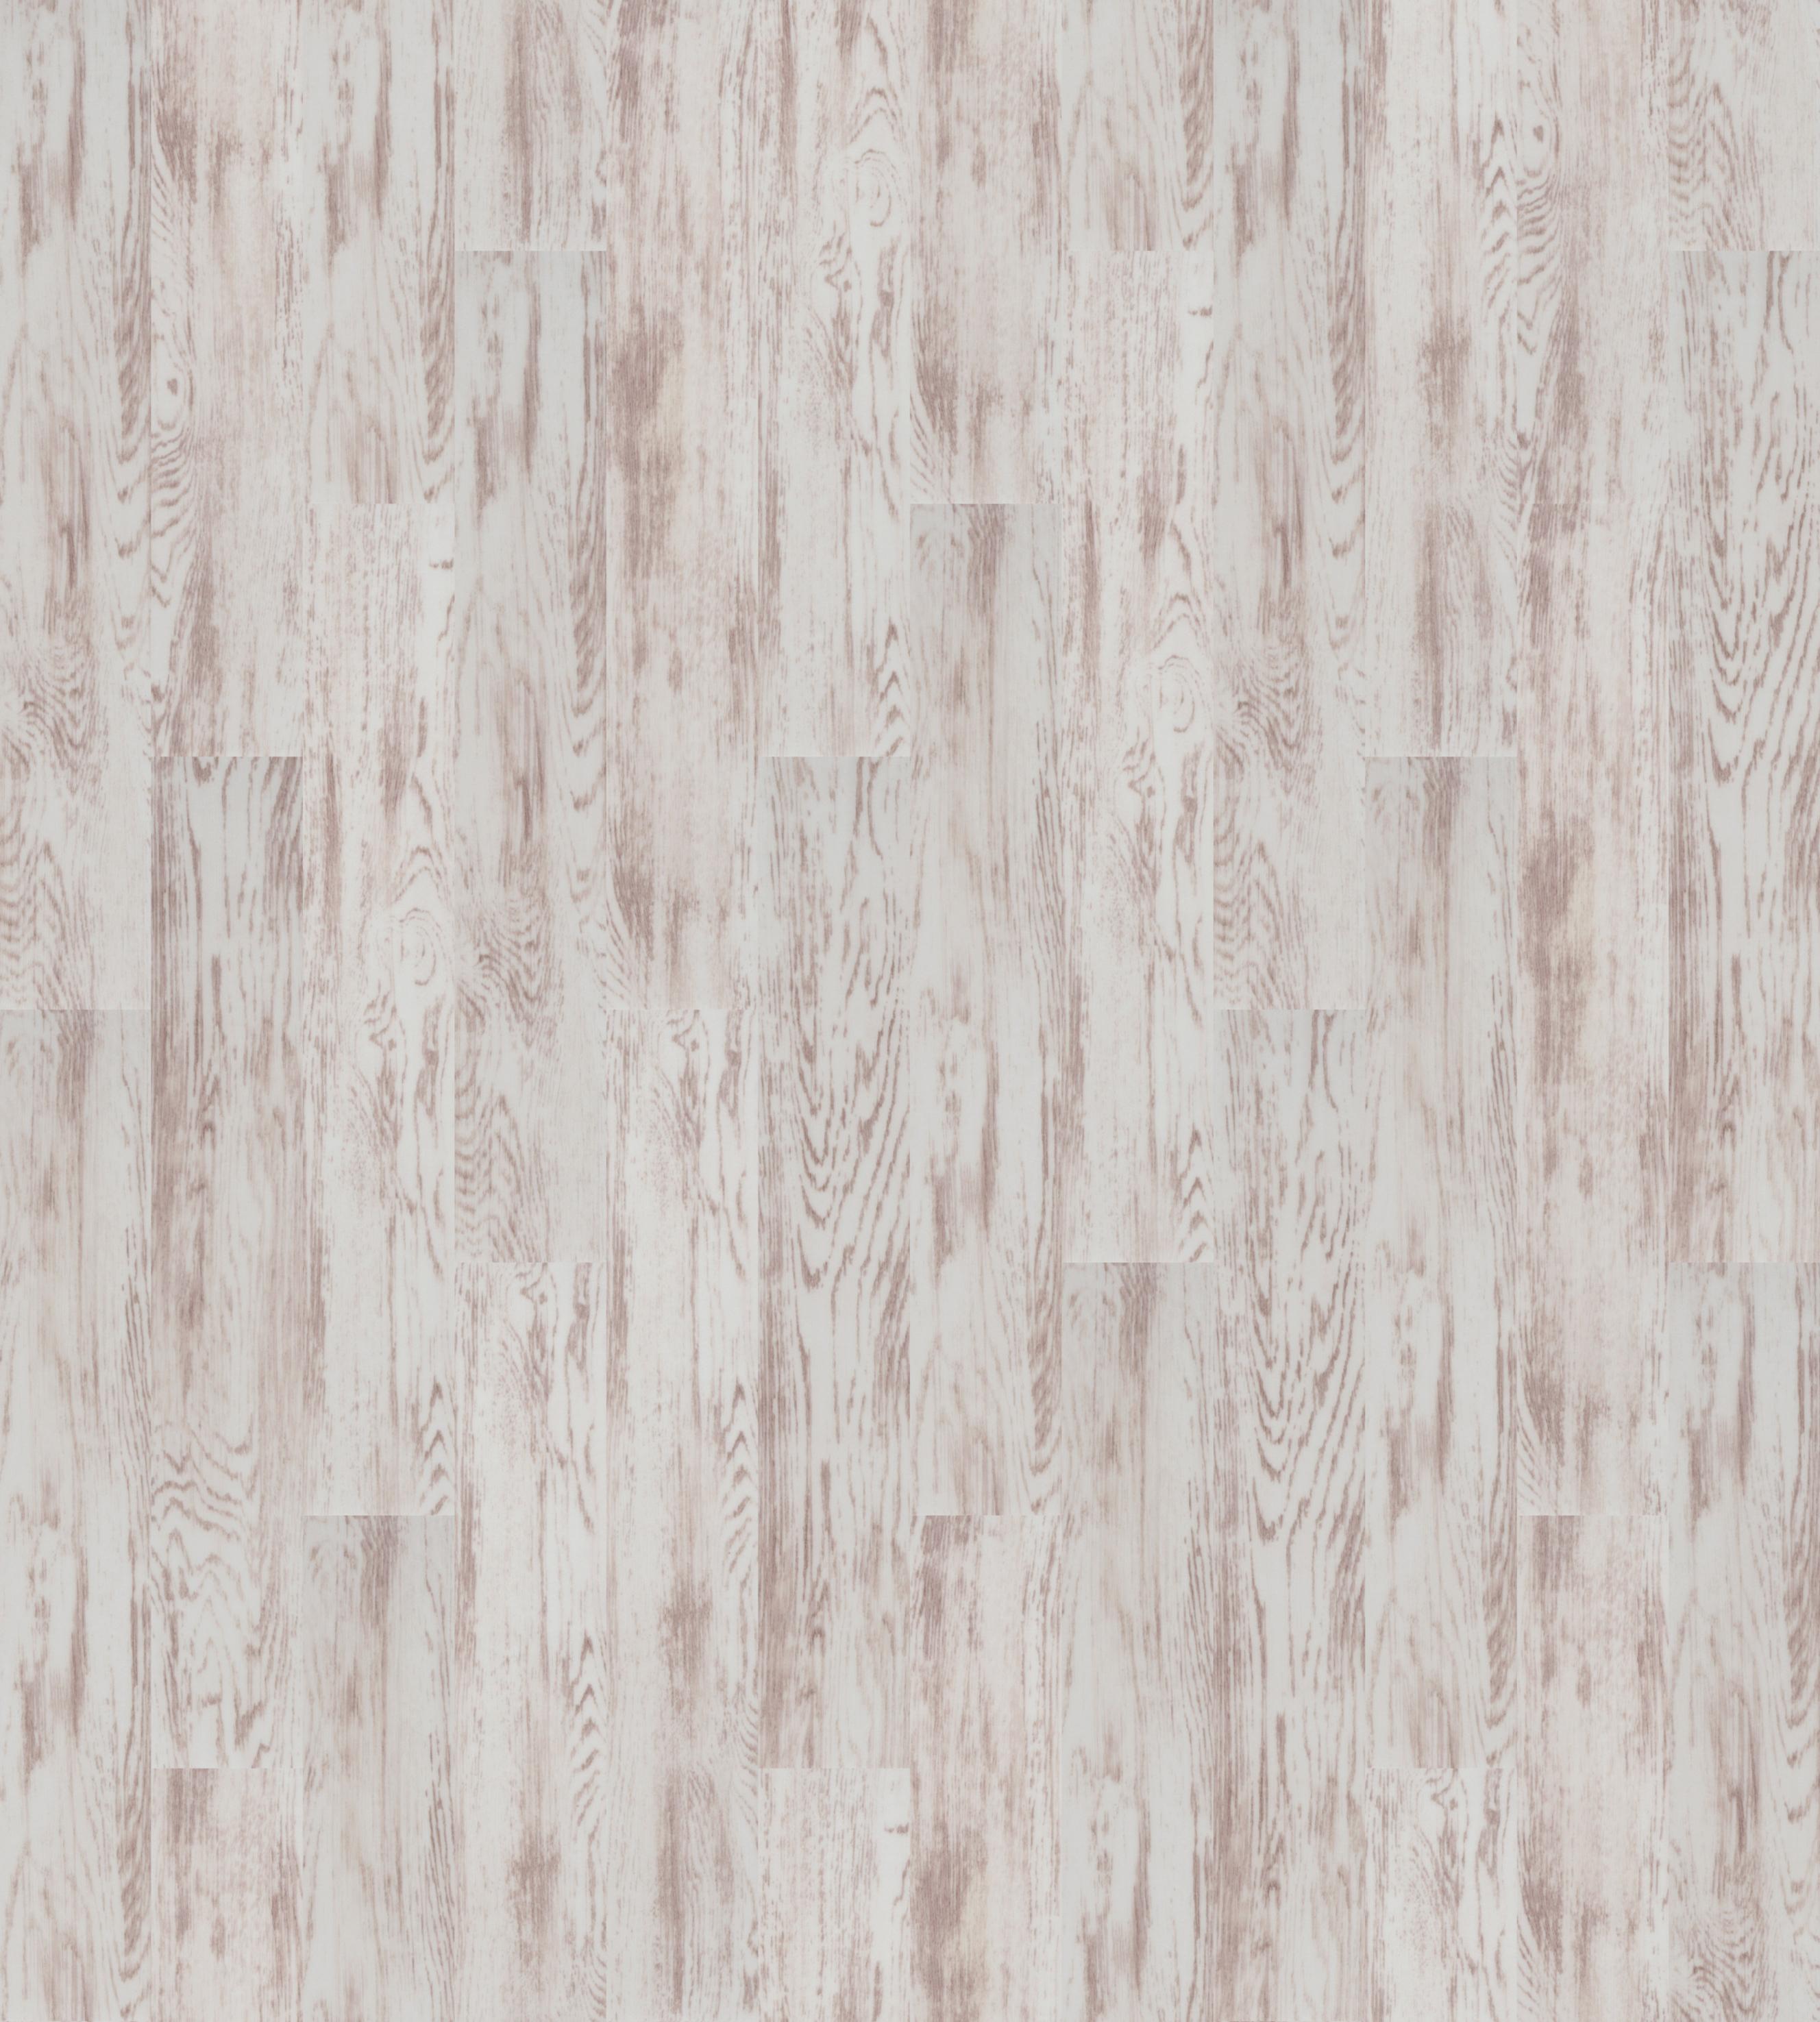 Elegant W60163 White Reclaimed Wood. 放大 CAD文件下载 Floorplanner